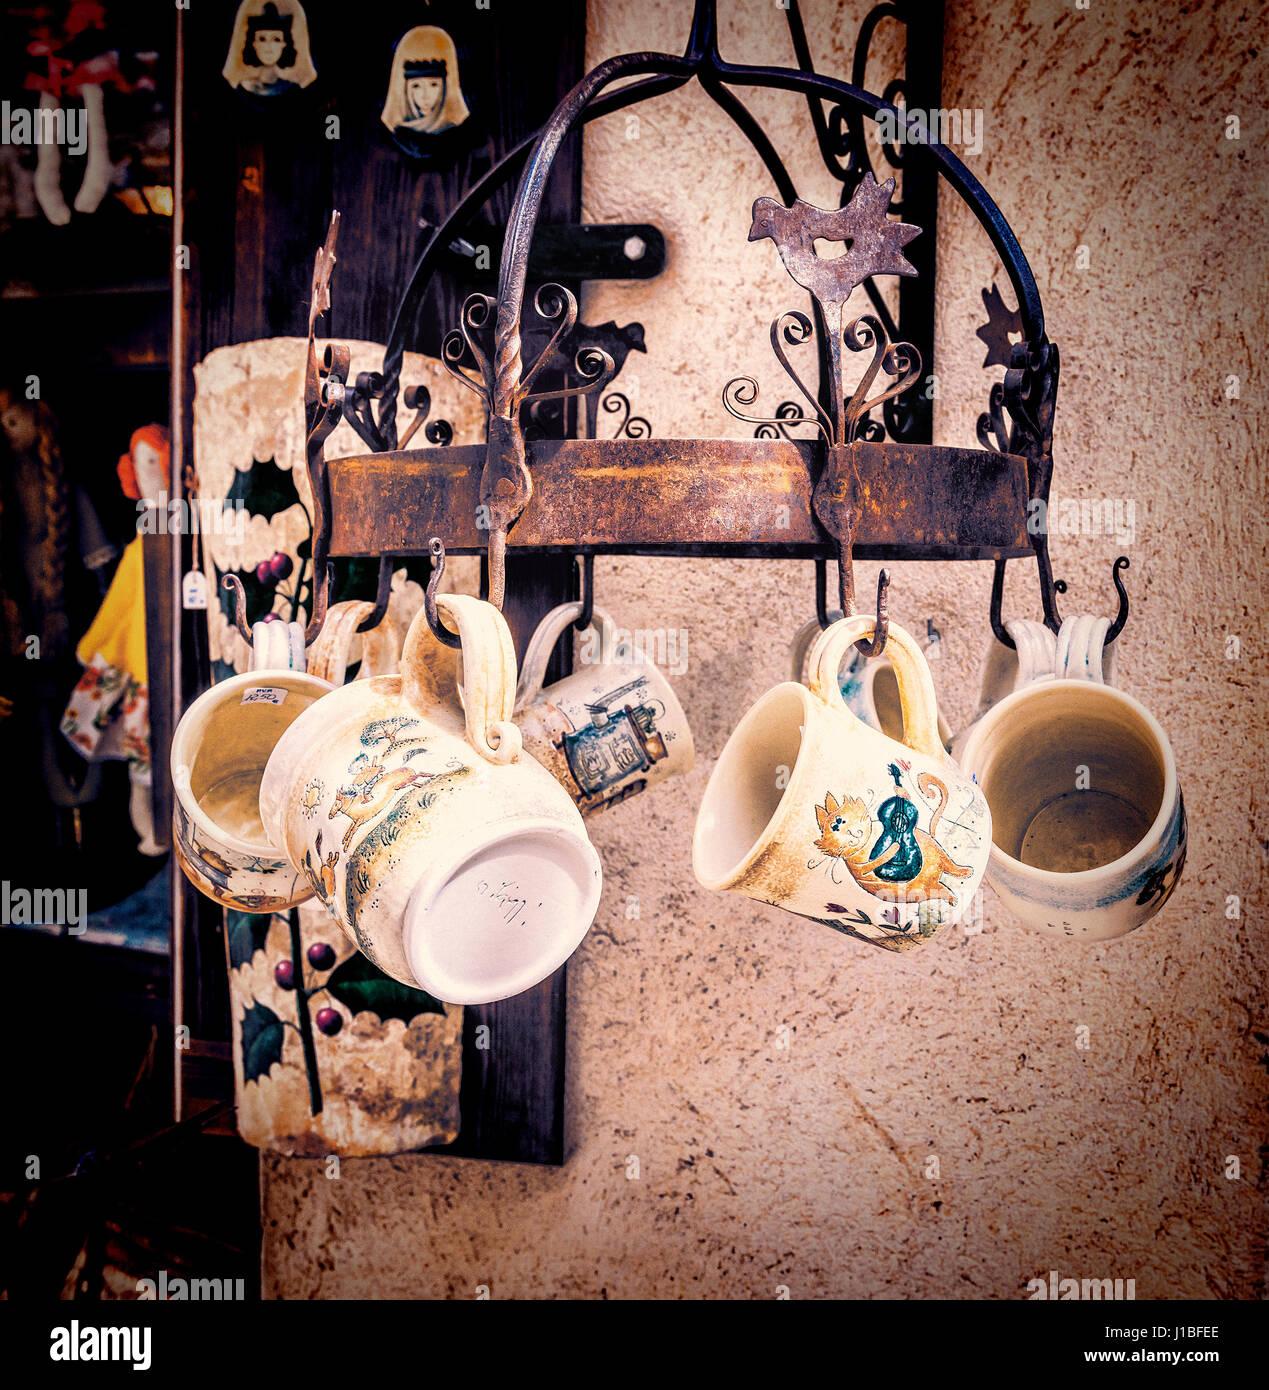 Handmade ceramic mugs at street market in Besalu, Spain - Stock Image